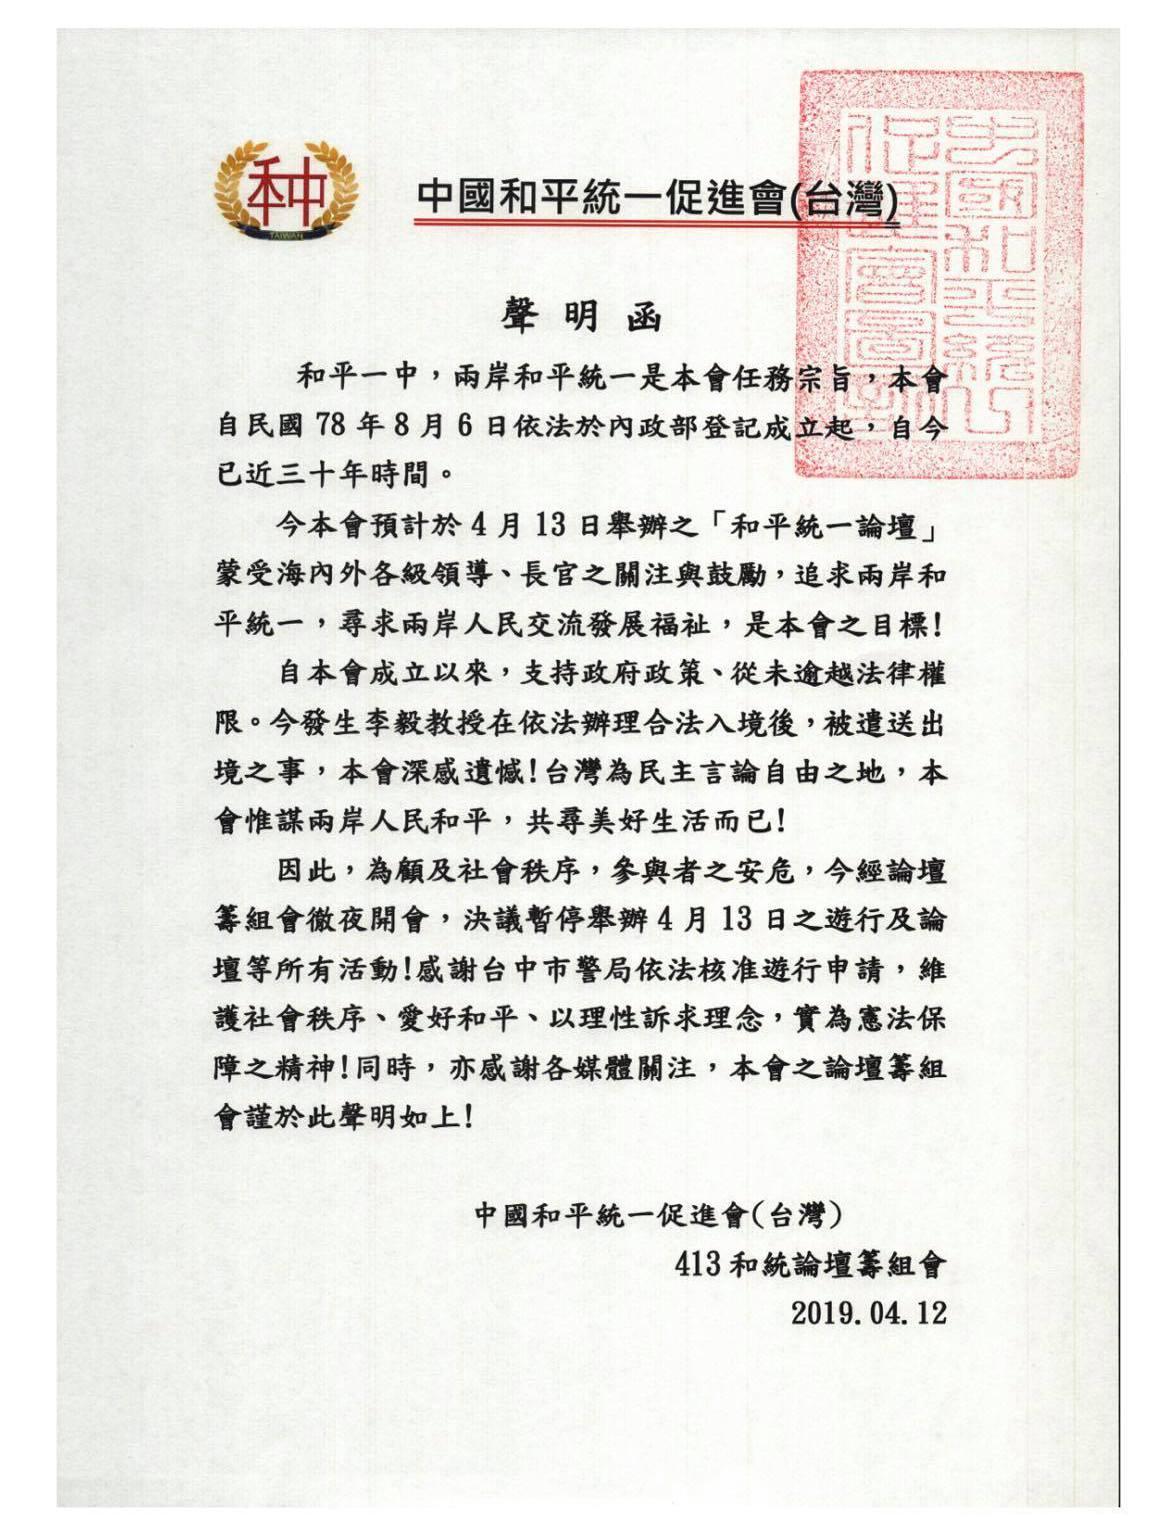 中國和平統一促進會原訂今下午舉行遊行,在地社團發起遊行反制,統促會今上午在臉書發...